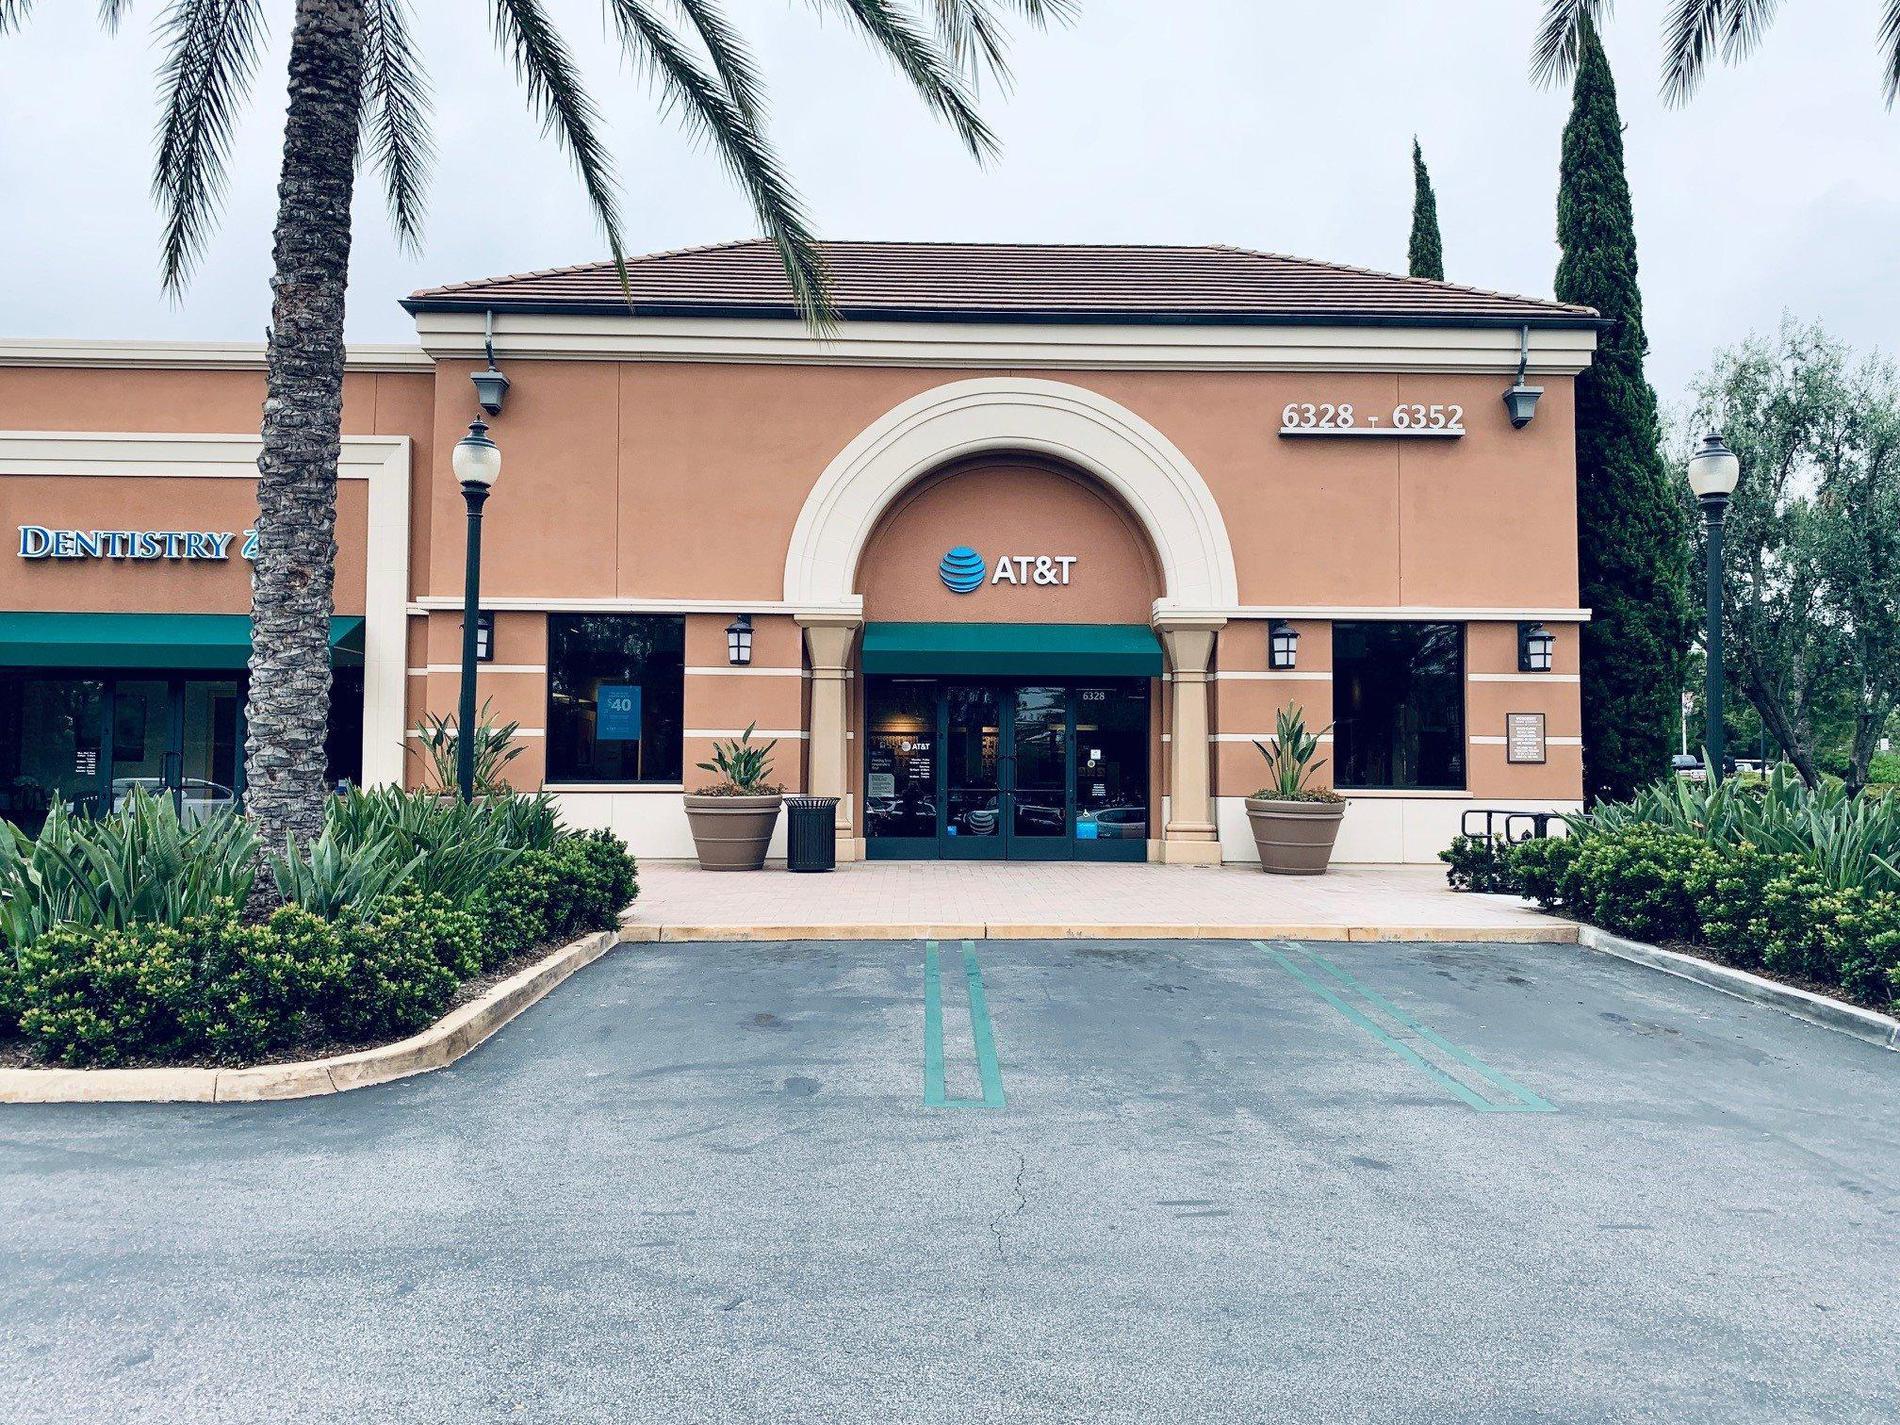 AT&T Store - Irvine Woodbury - Irvine, CA